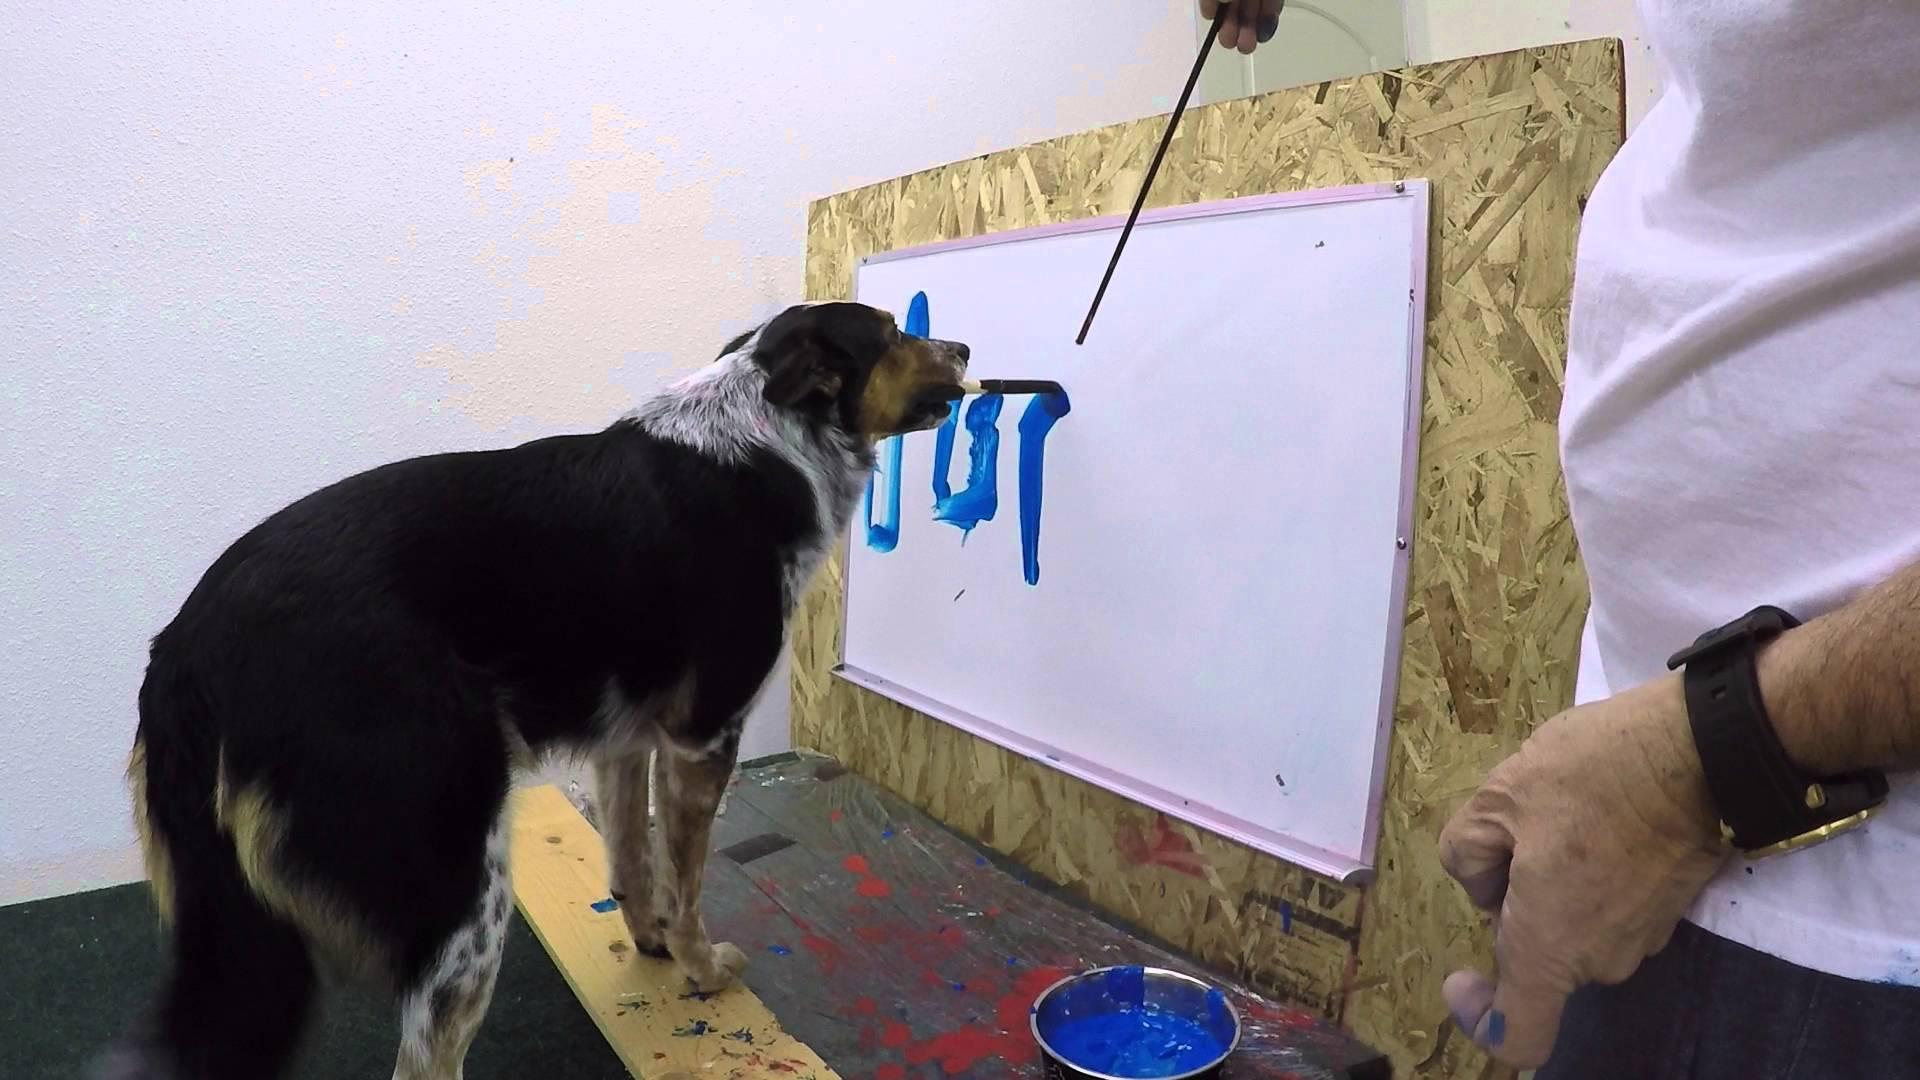 jumpy le chien qui  u00e9crit son pr u00e9nom